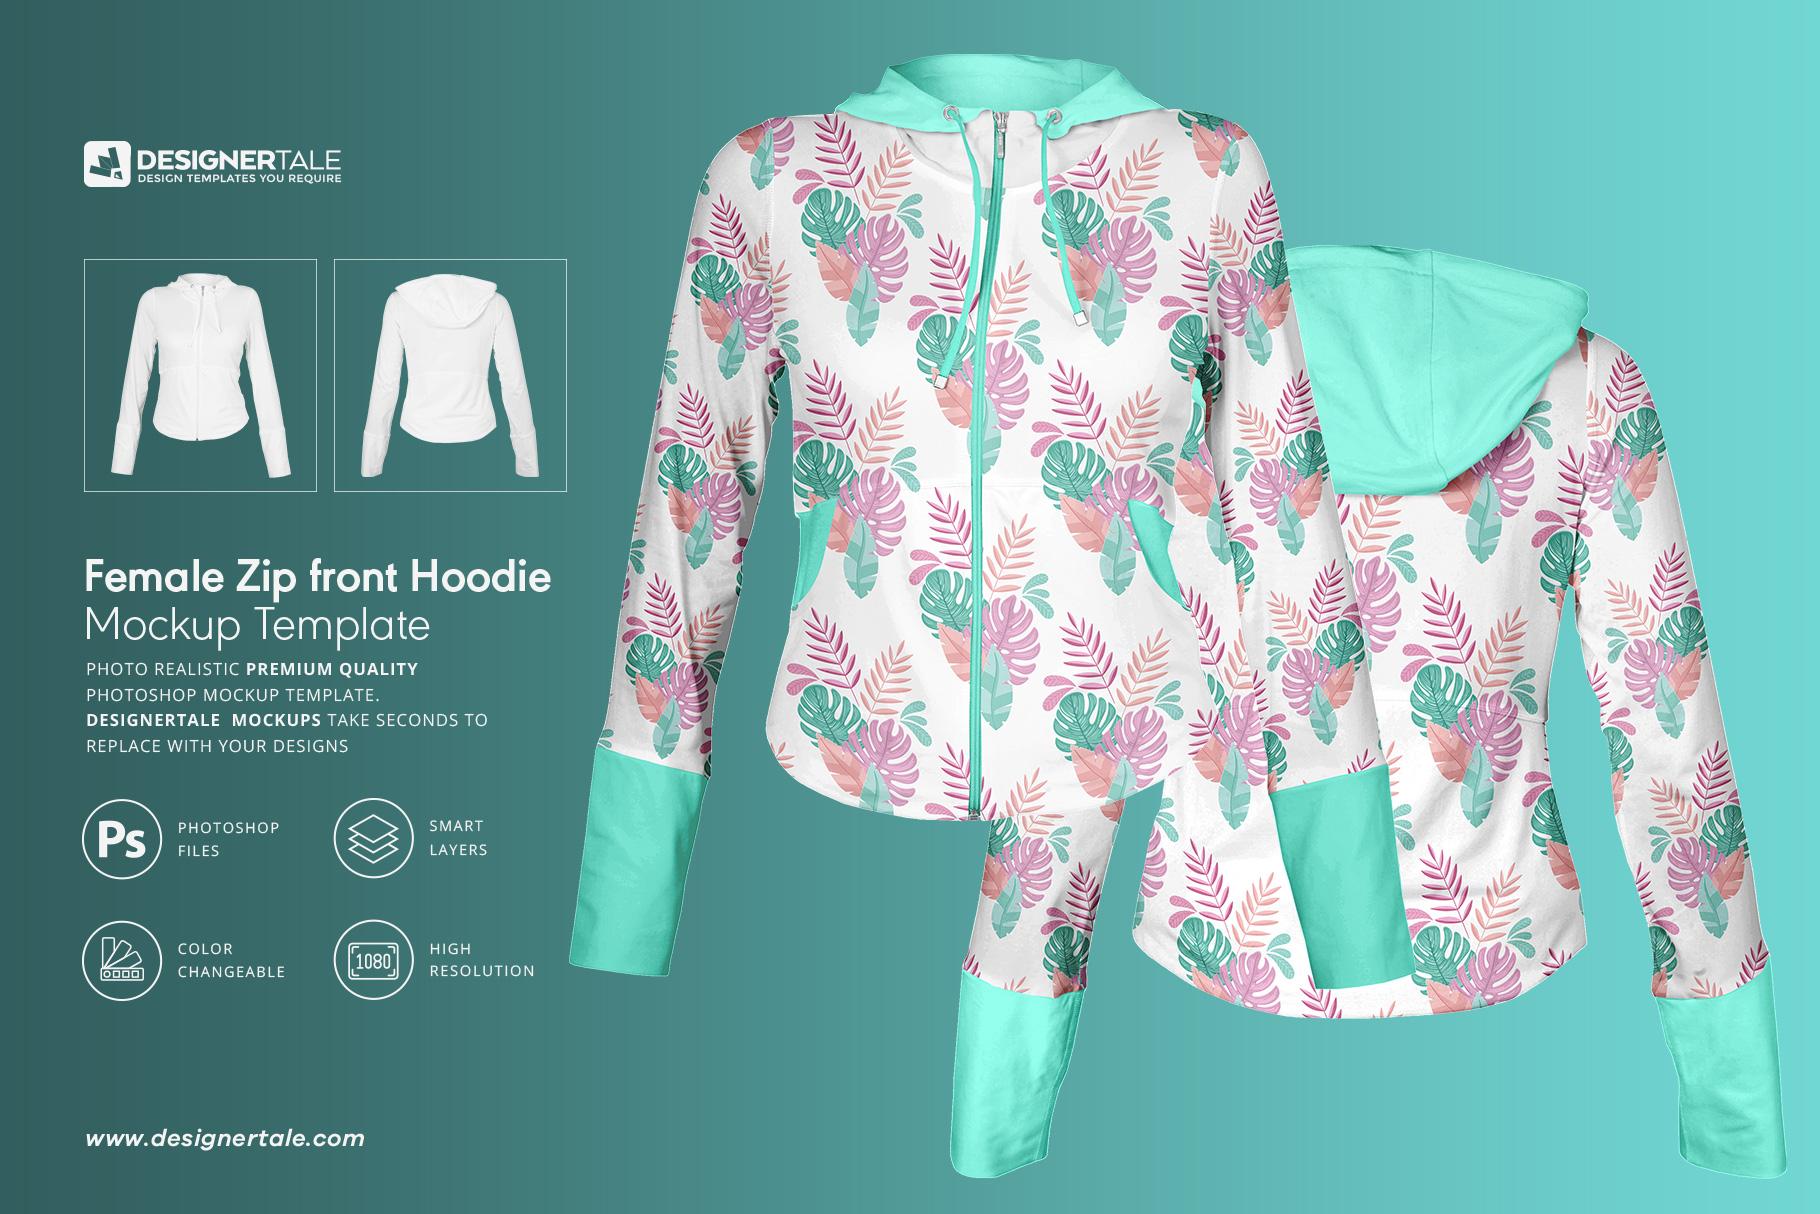 female zip front hoodie mockup